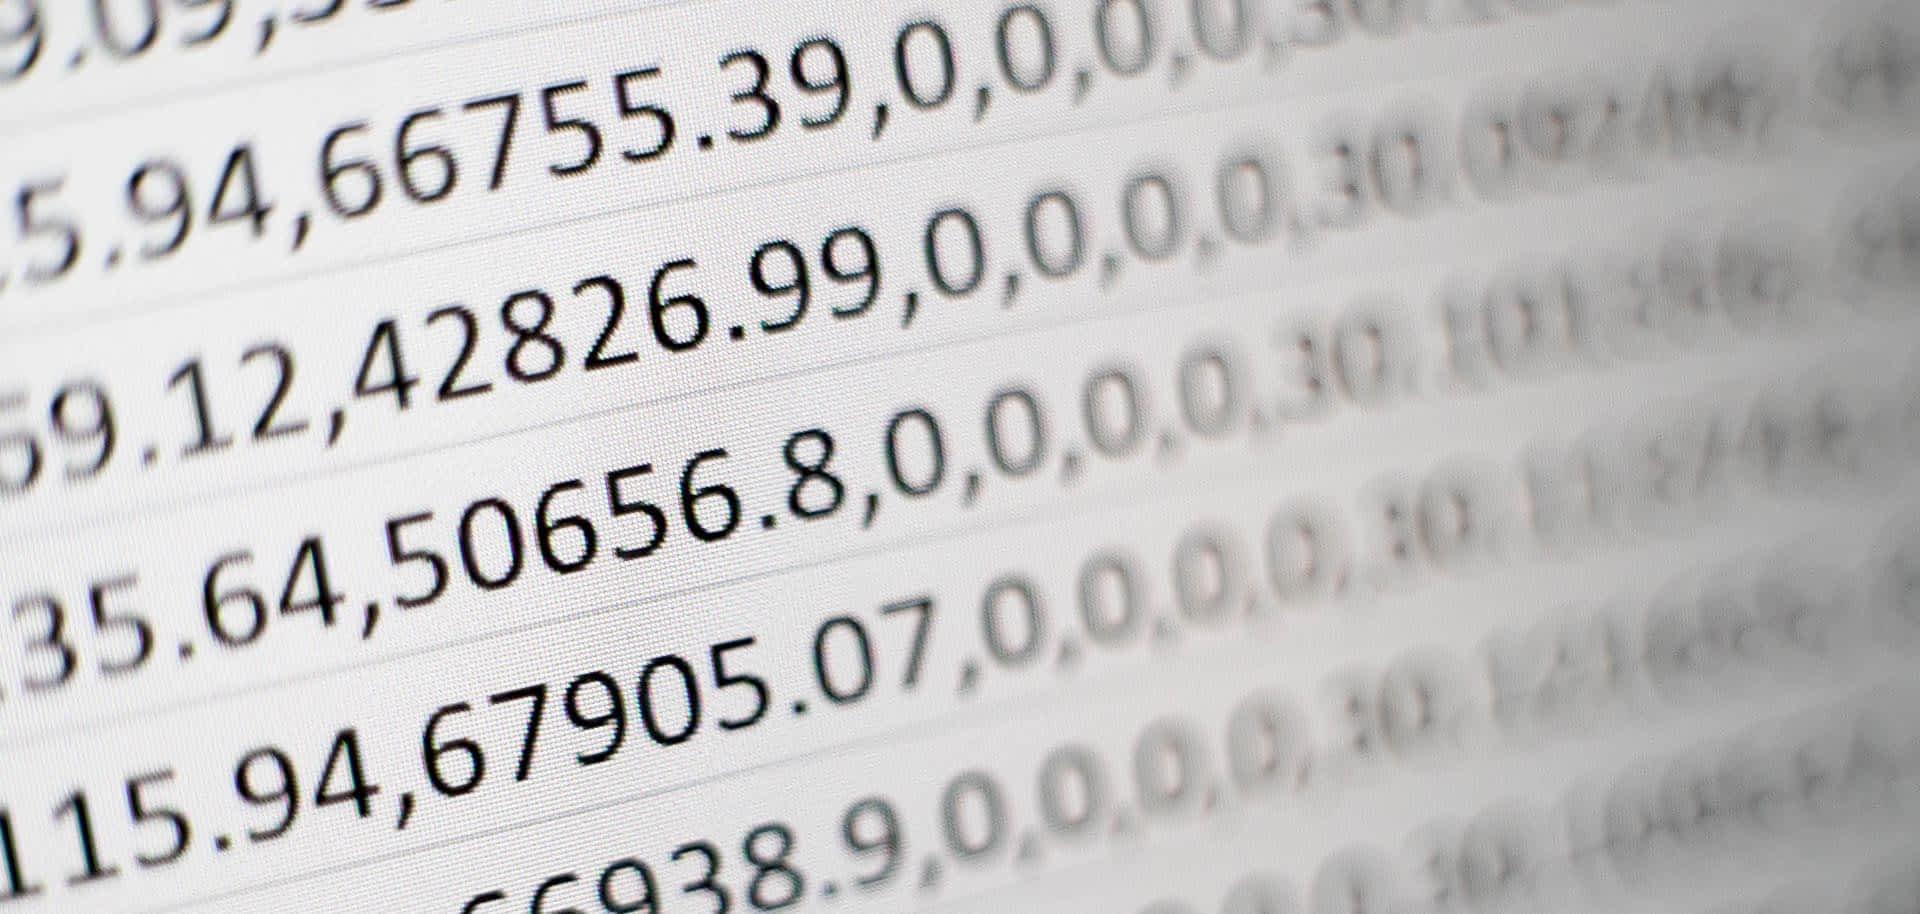 Récupérer des fichiers supprimés, c'est possible?